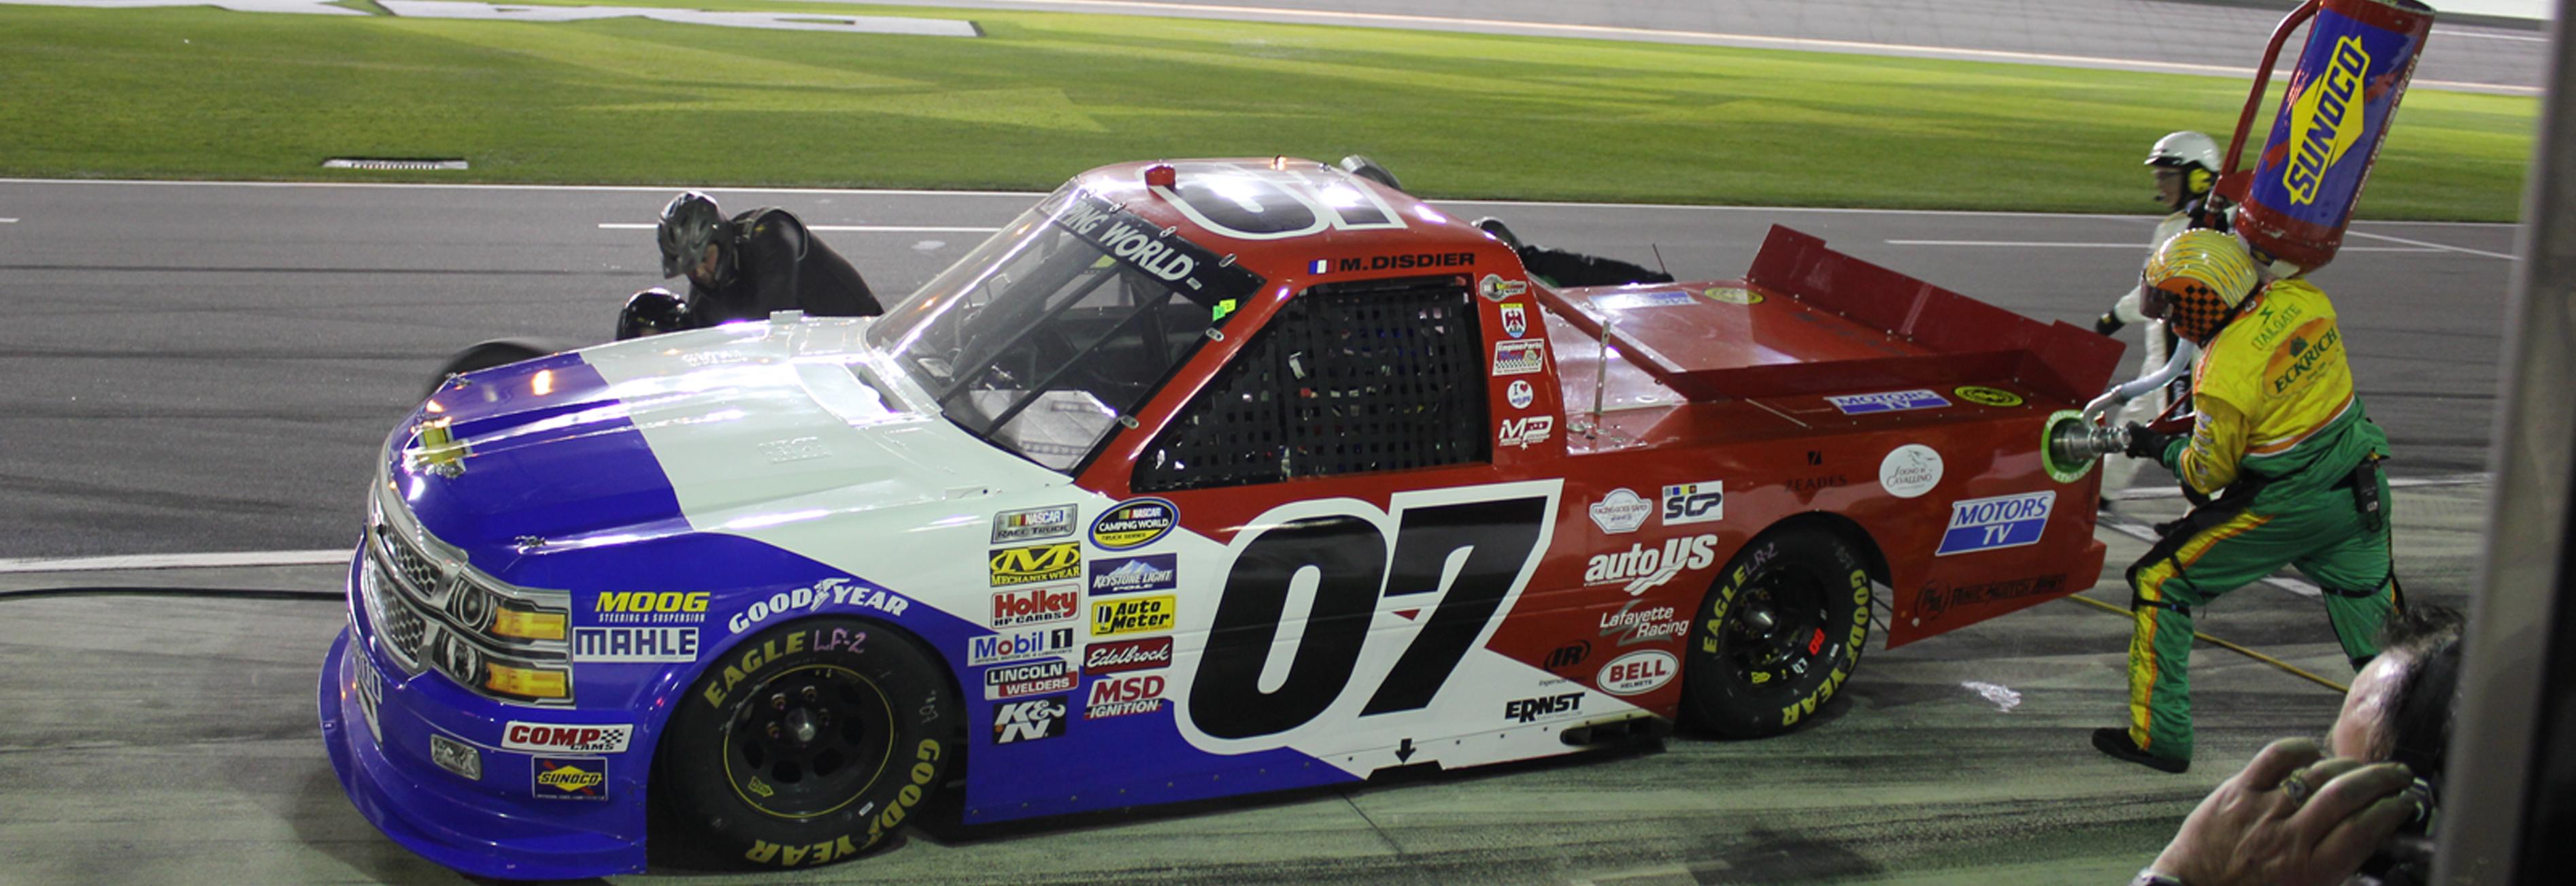 Ravitaillement Daytona 2014